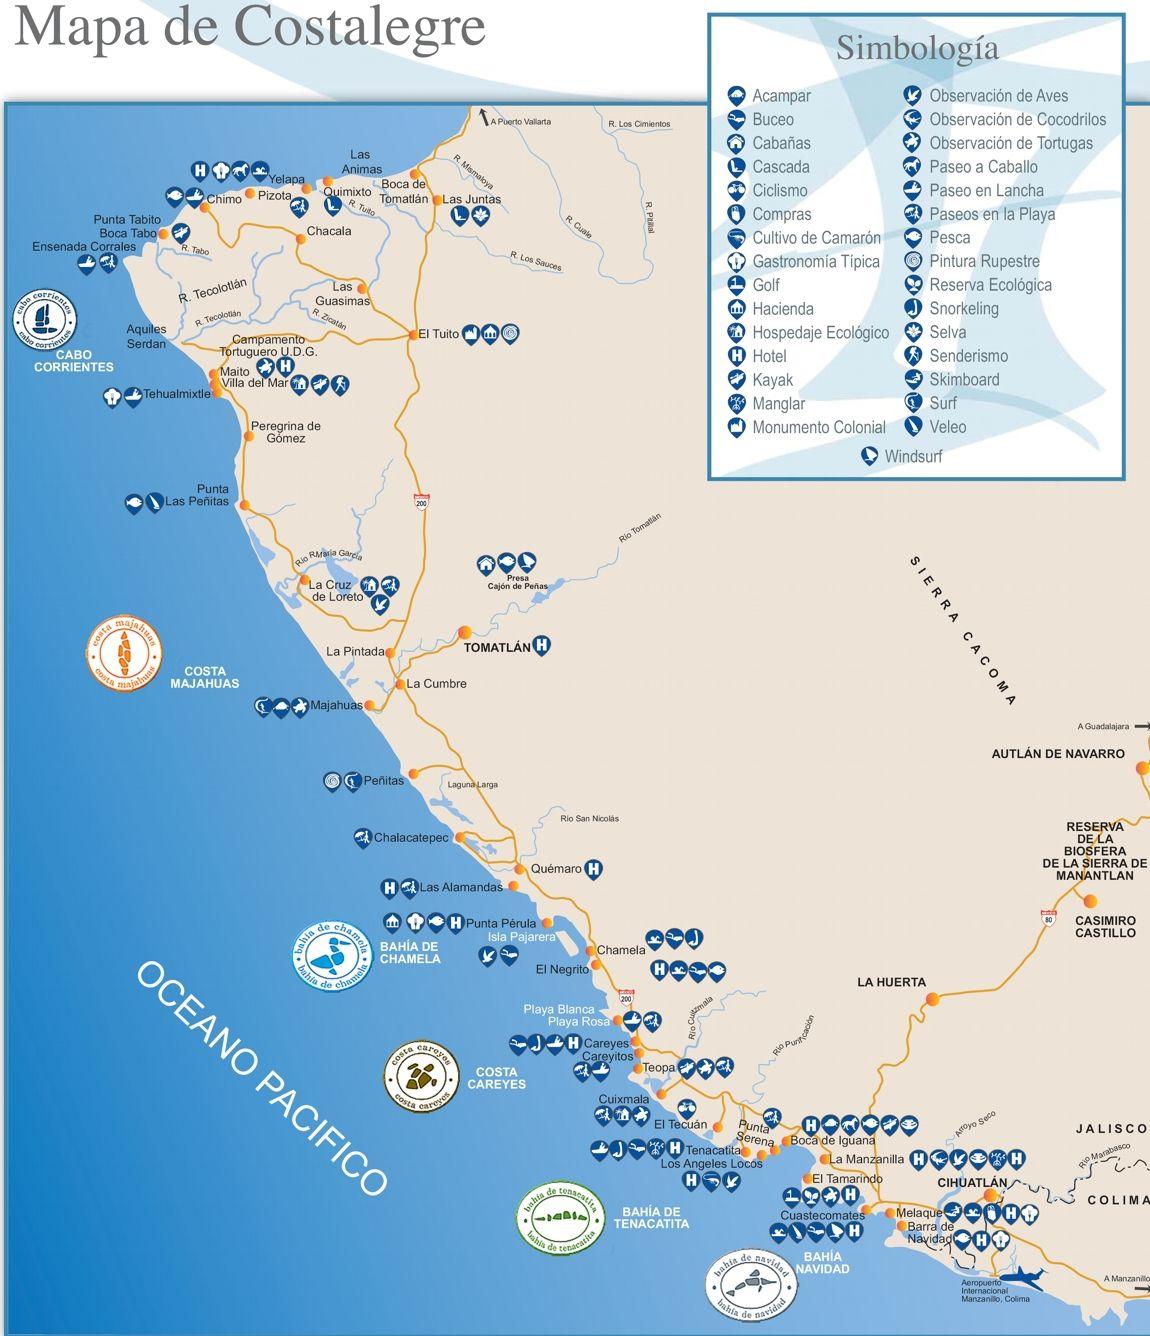 Mapa De La Costa Alegre Jalisco Con Imagenes Paseo En La